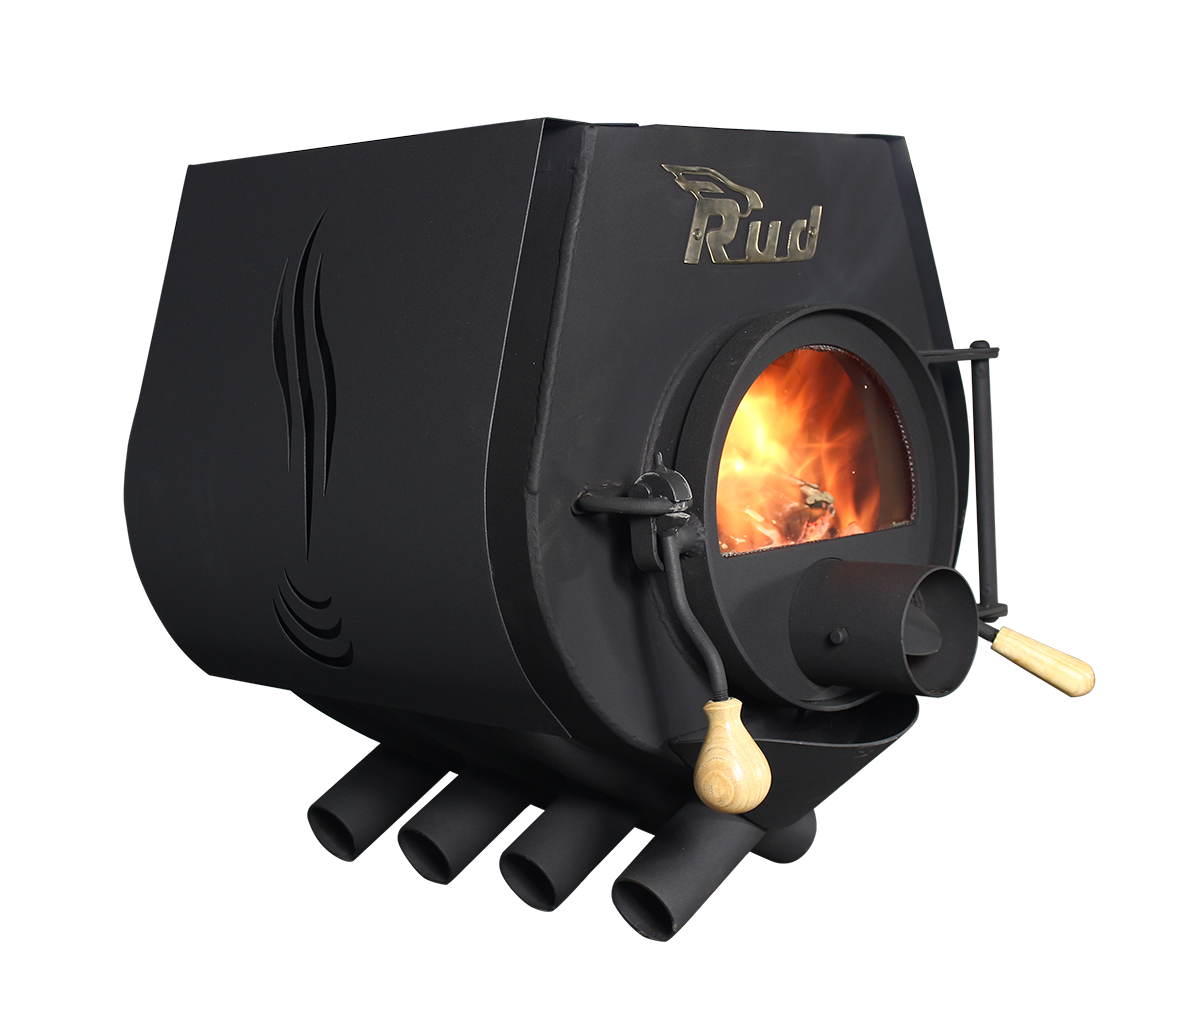 Булерьян, отопительная печь Rud Pyrotron Кантри 00 с варочной поверхностью Стекло в дверце печи